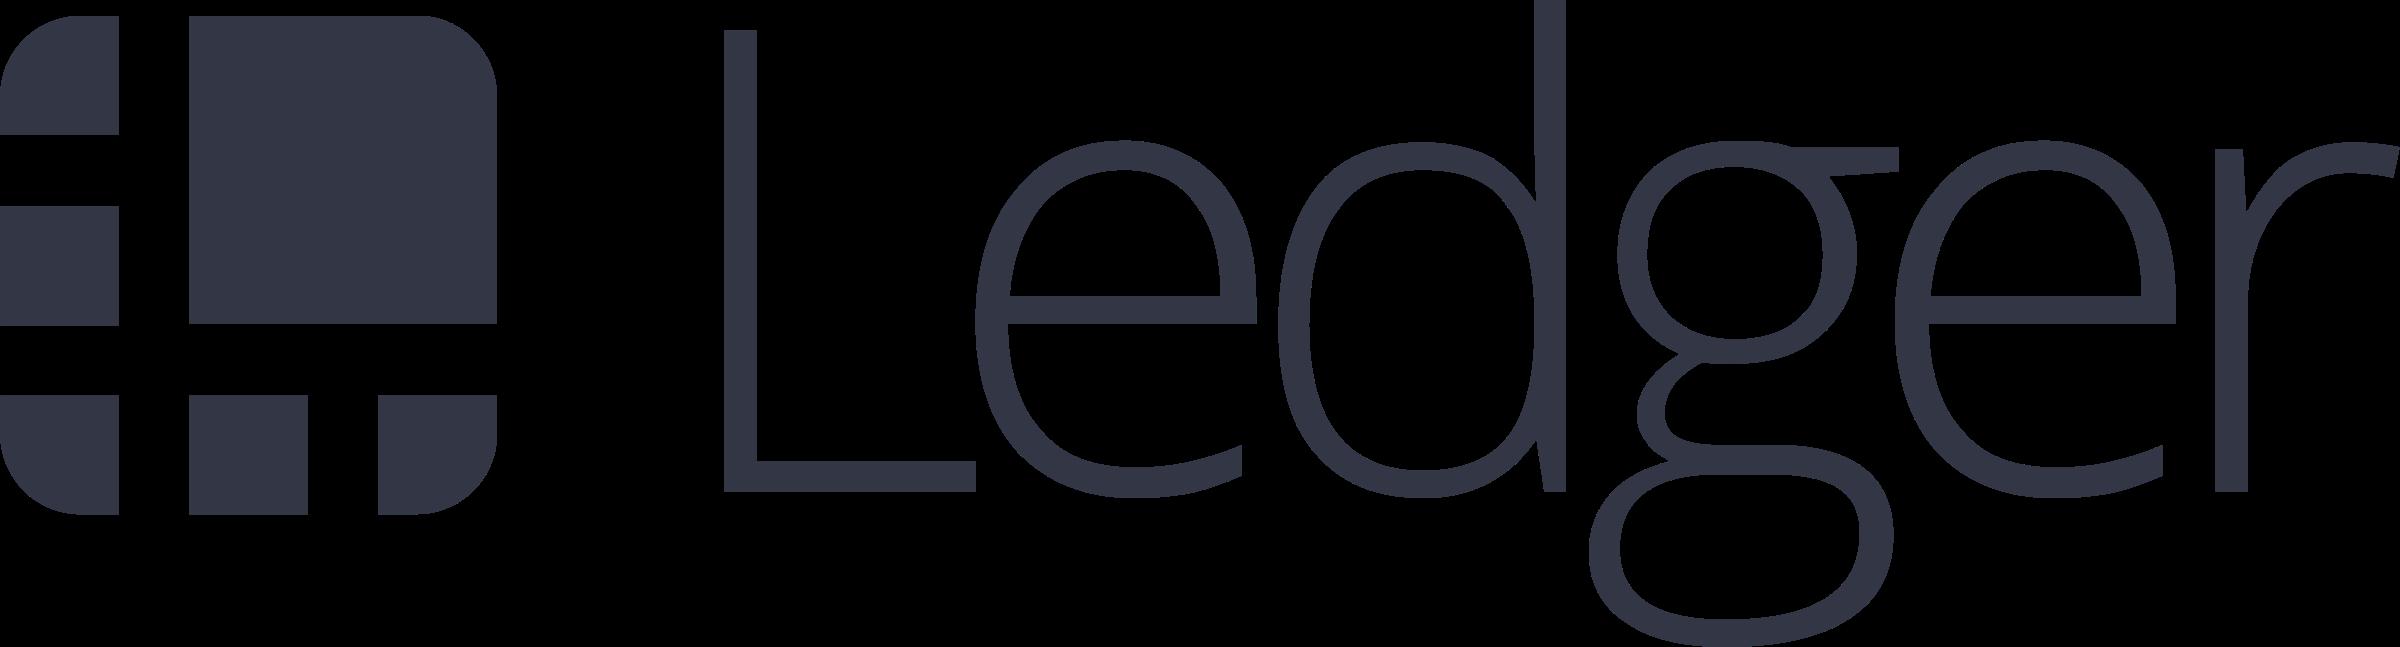 Ledger Logo PNG Transparent